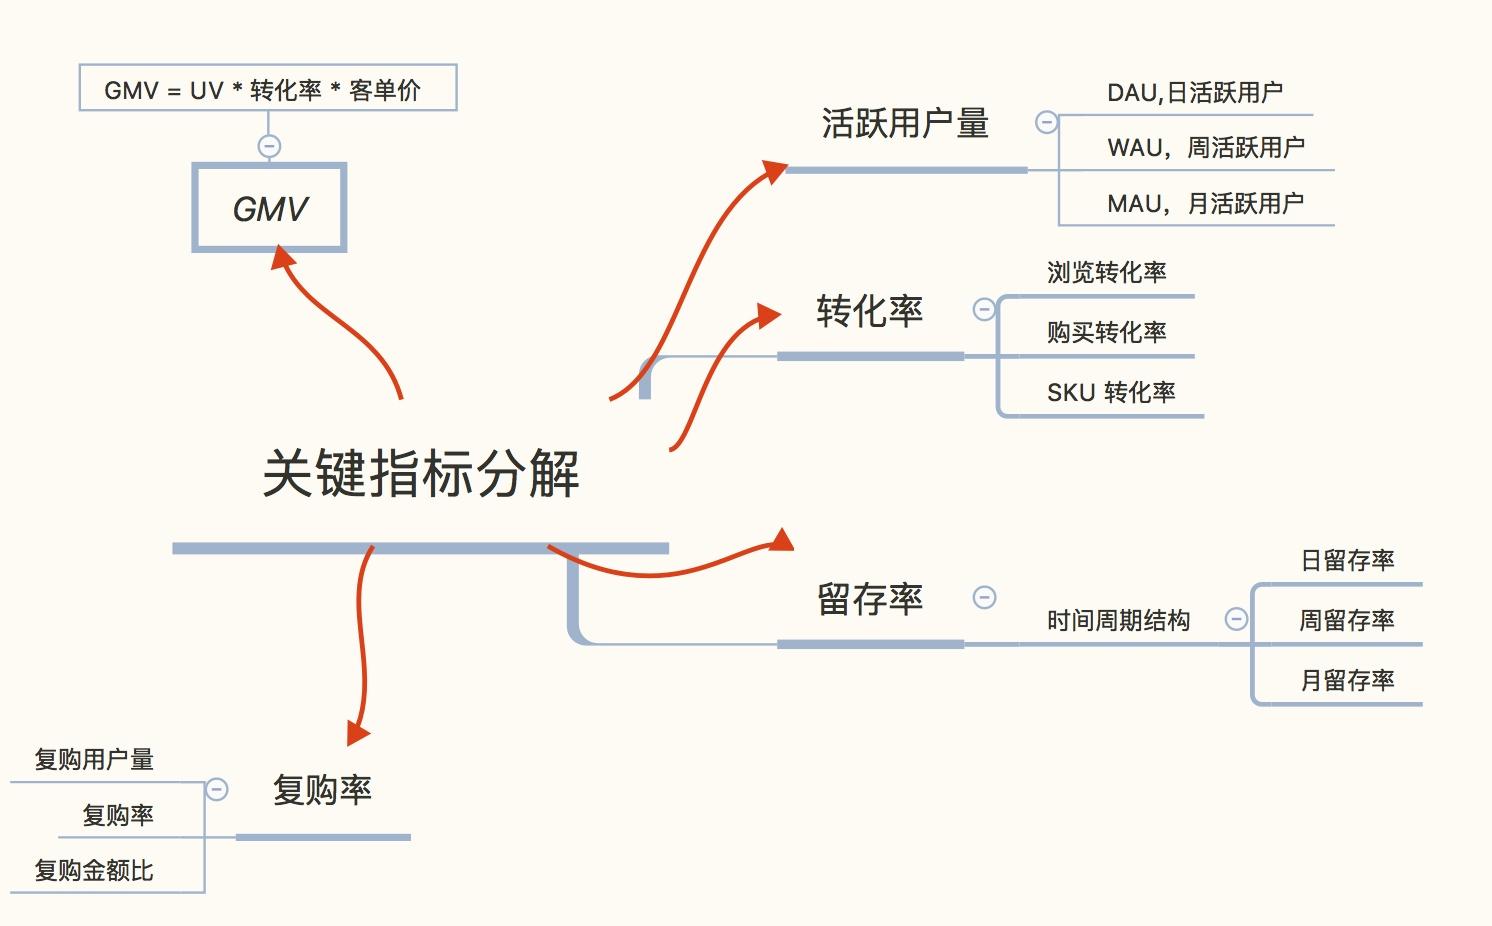 电商运营基本知识:运营指标的分类与关键指标分解